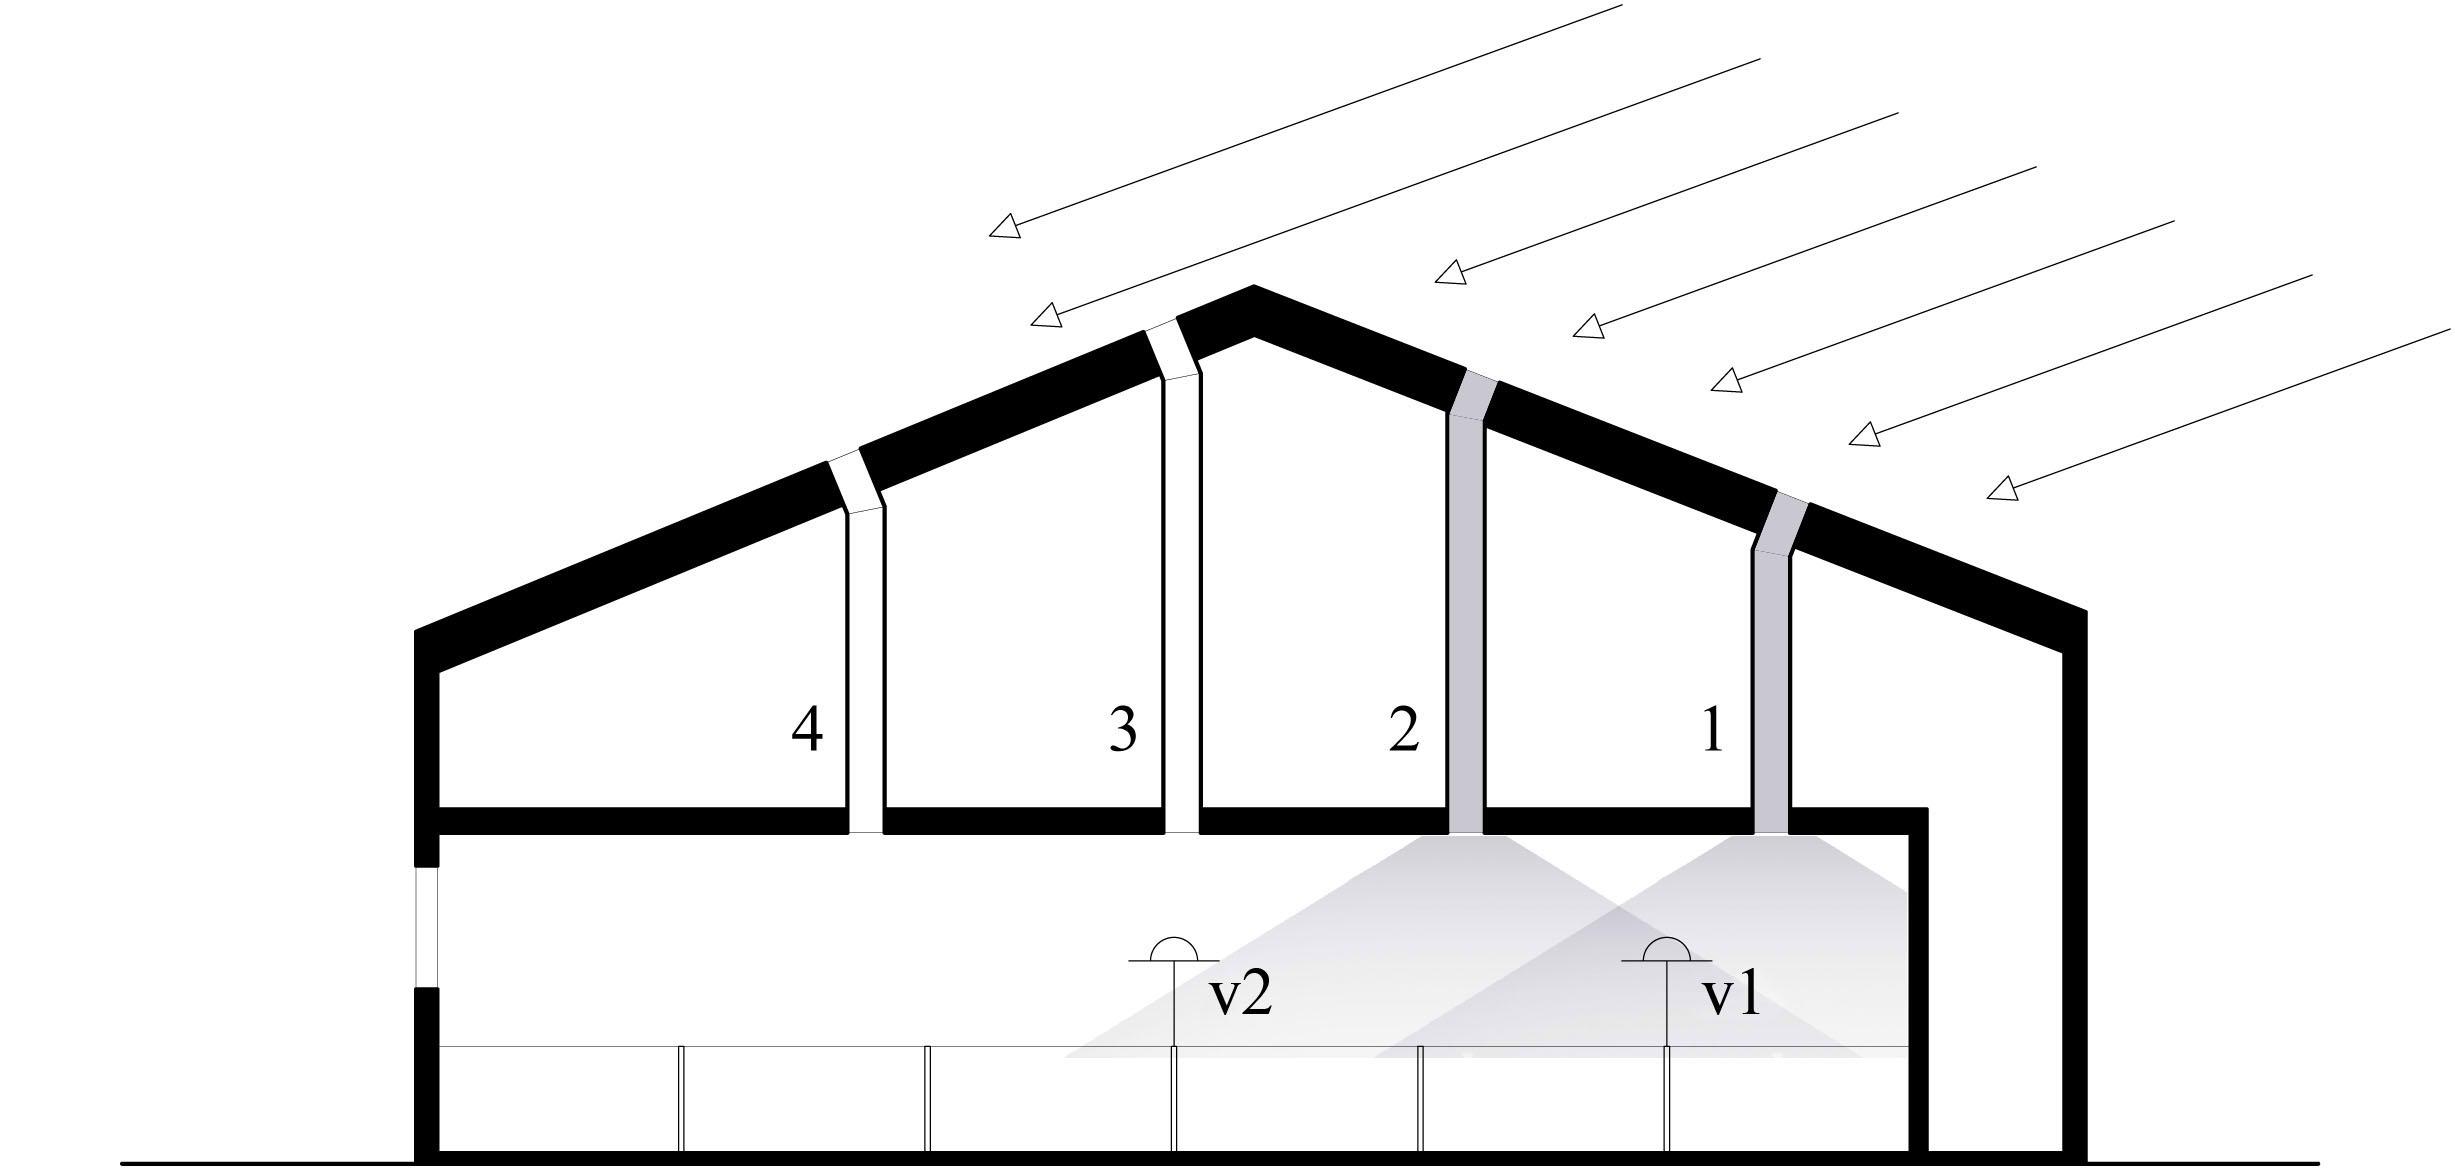 [FT_6433] Lighting Diagram Simulator Free Diagram